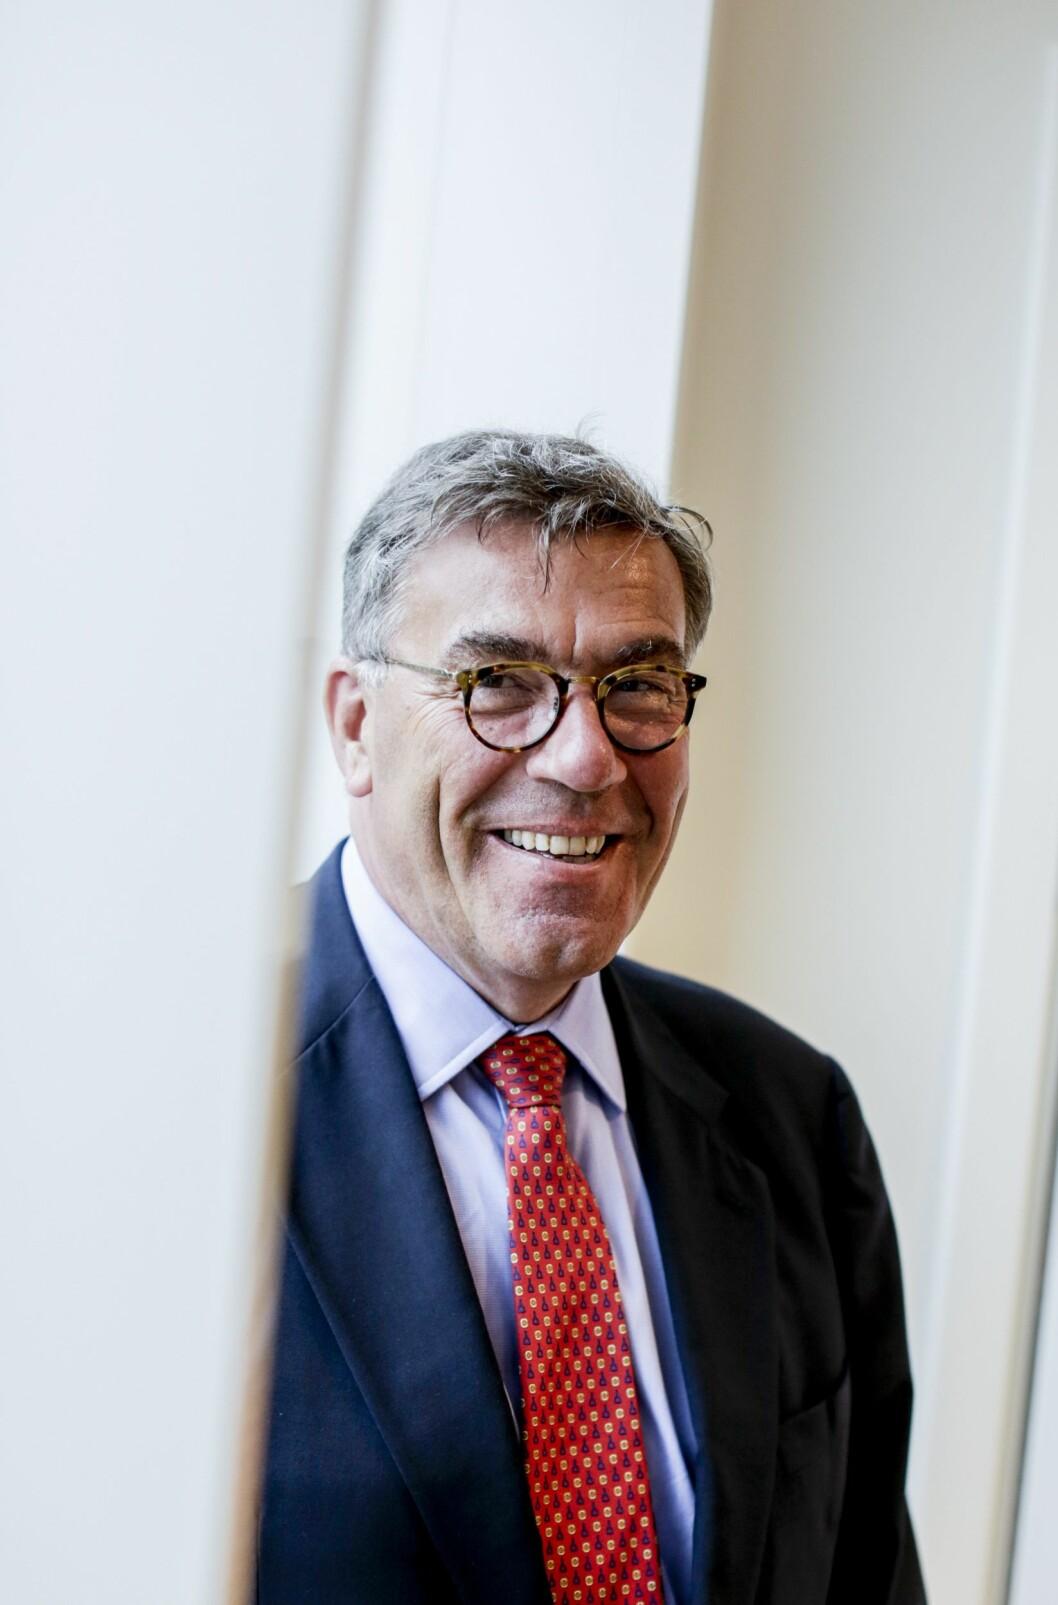 IKKE ENSOM: I et nytt intervju forteller Orkla-styreleder og tidligere Rimi-eier Stein Erik Hagen at det slett ikke er synd på ham. Foto: NTB scanpix